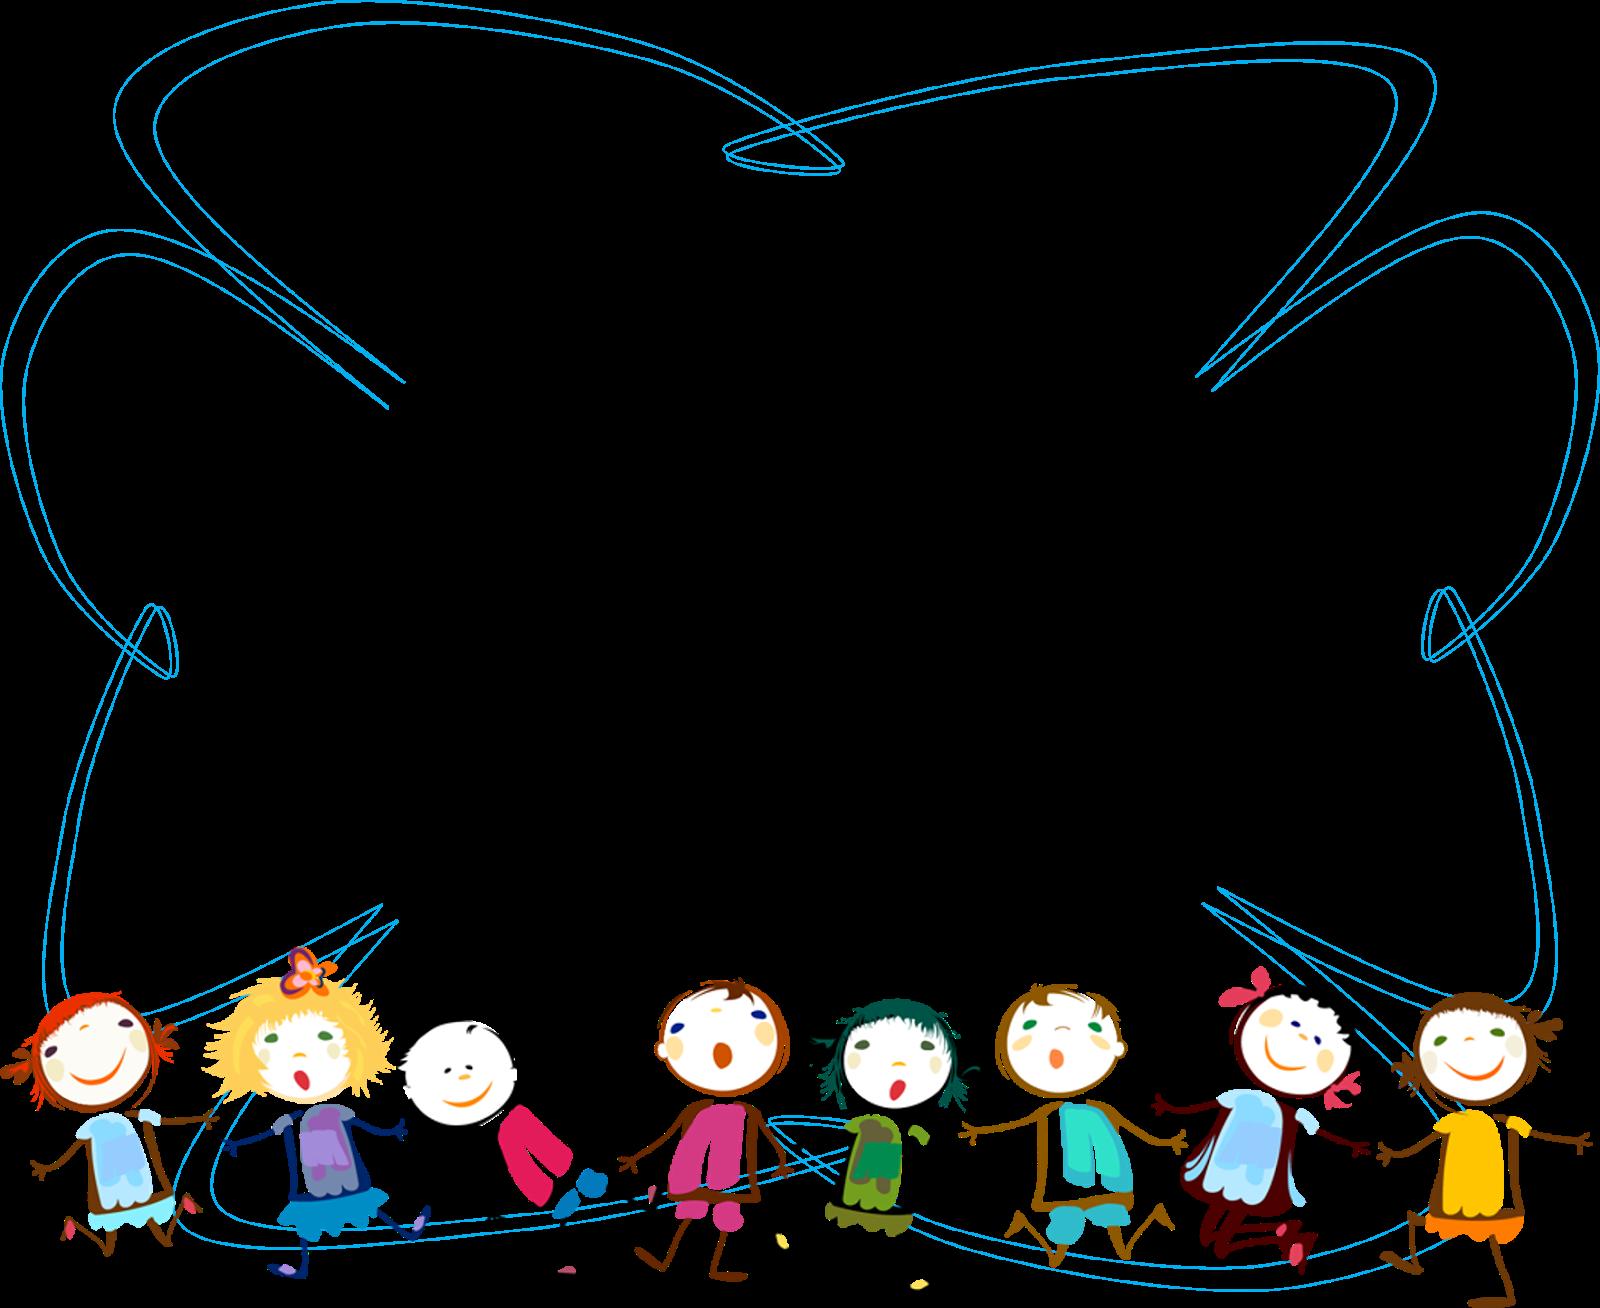 خلفيات اطفال بوربوينت